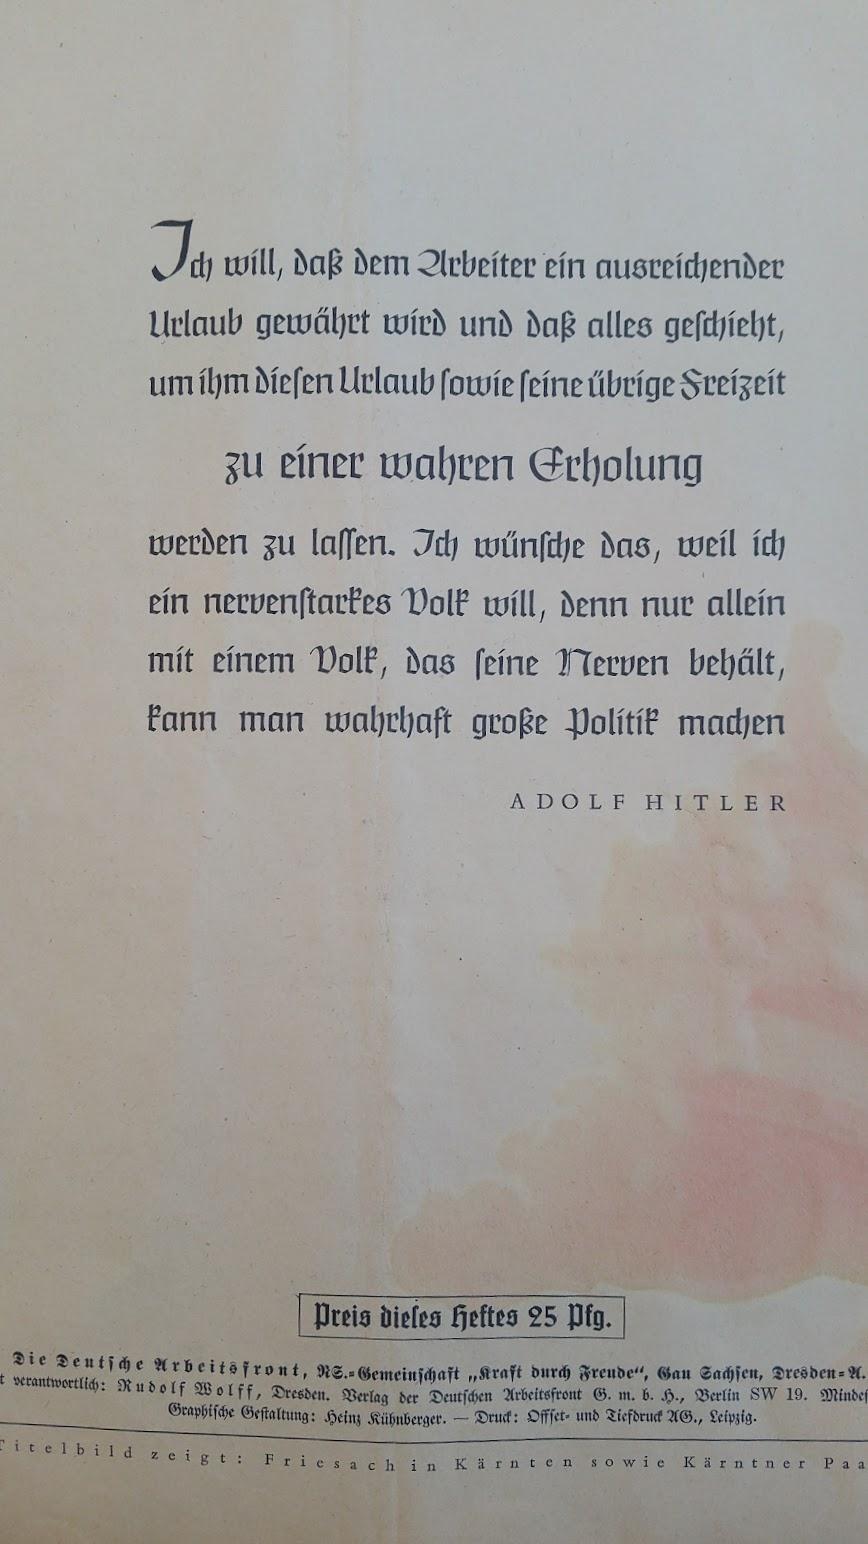 """Die Deutsche Arbeitsfront - Urlaubsfahrten 1939 - NS-Gemeinschaft """"Kraft durch Freude"""" Gau Sachsen - Katalog - Zitat Hitler"""